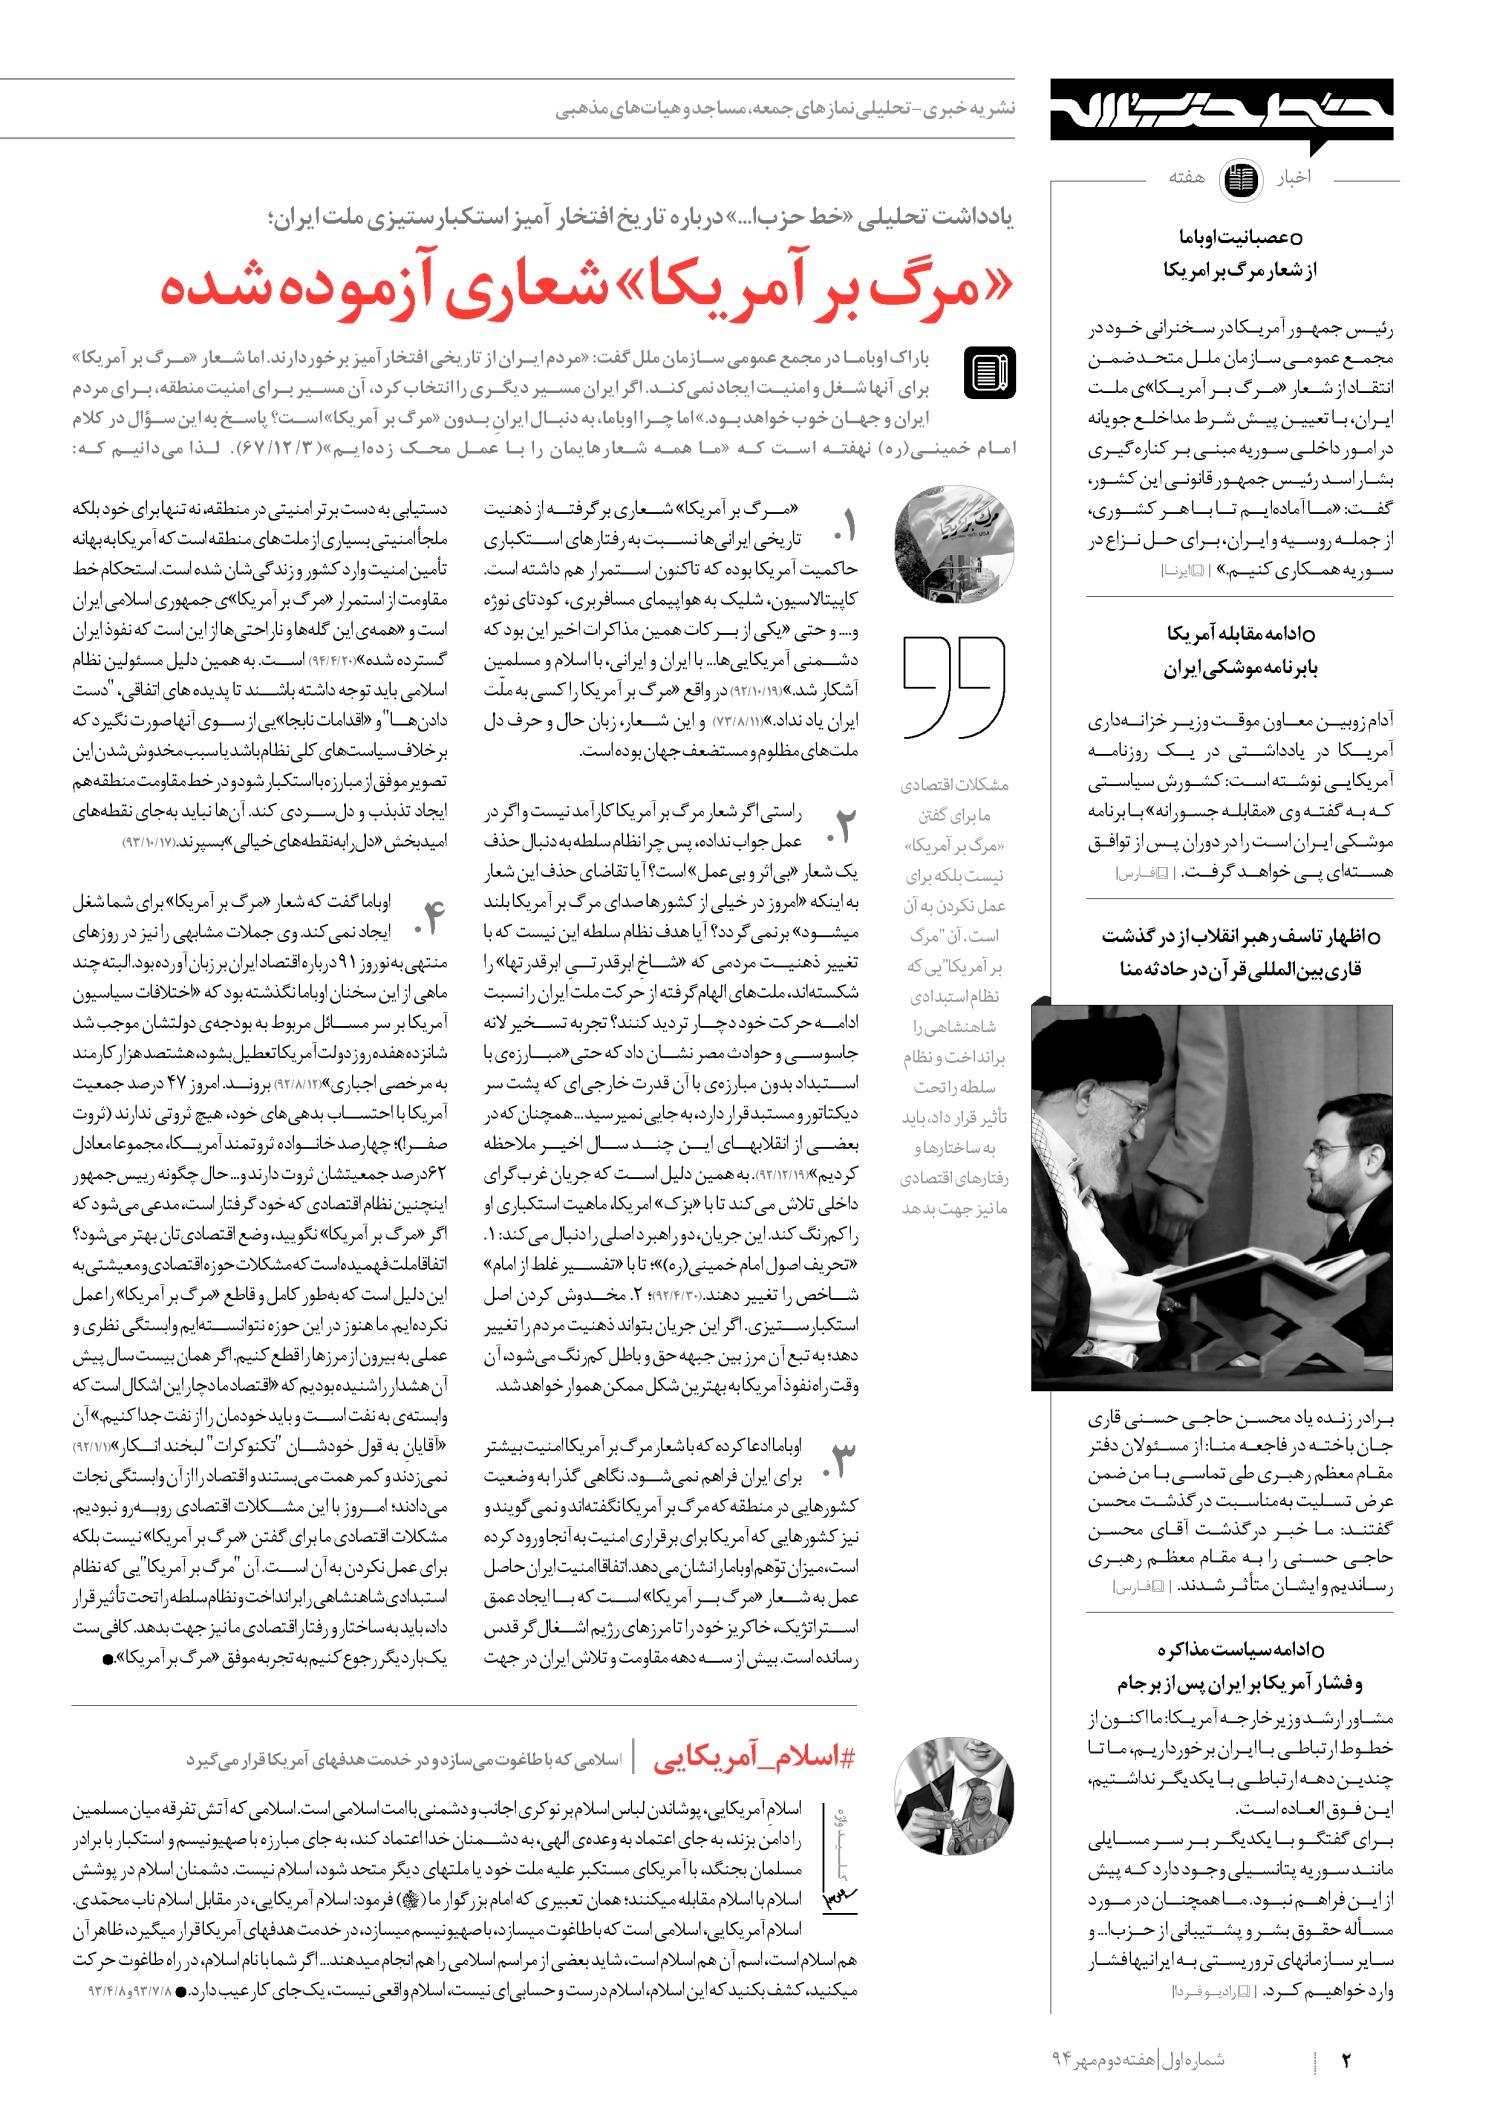 خط حزب الله -شماره اول page large 21